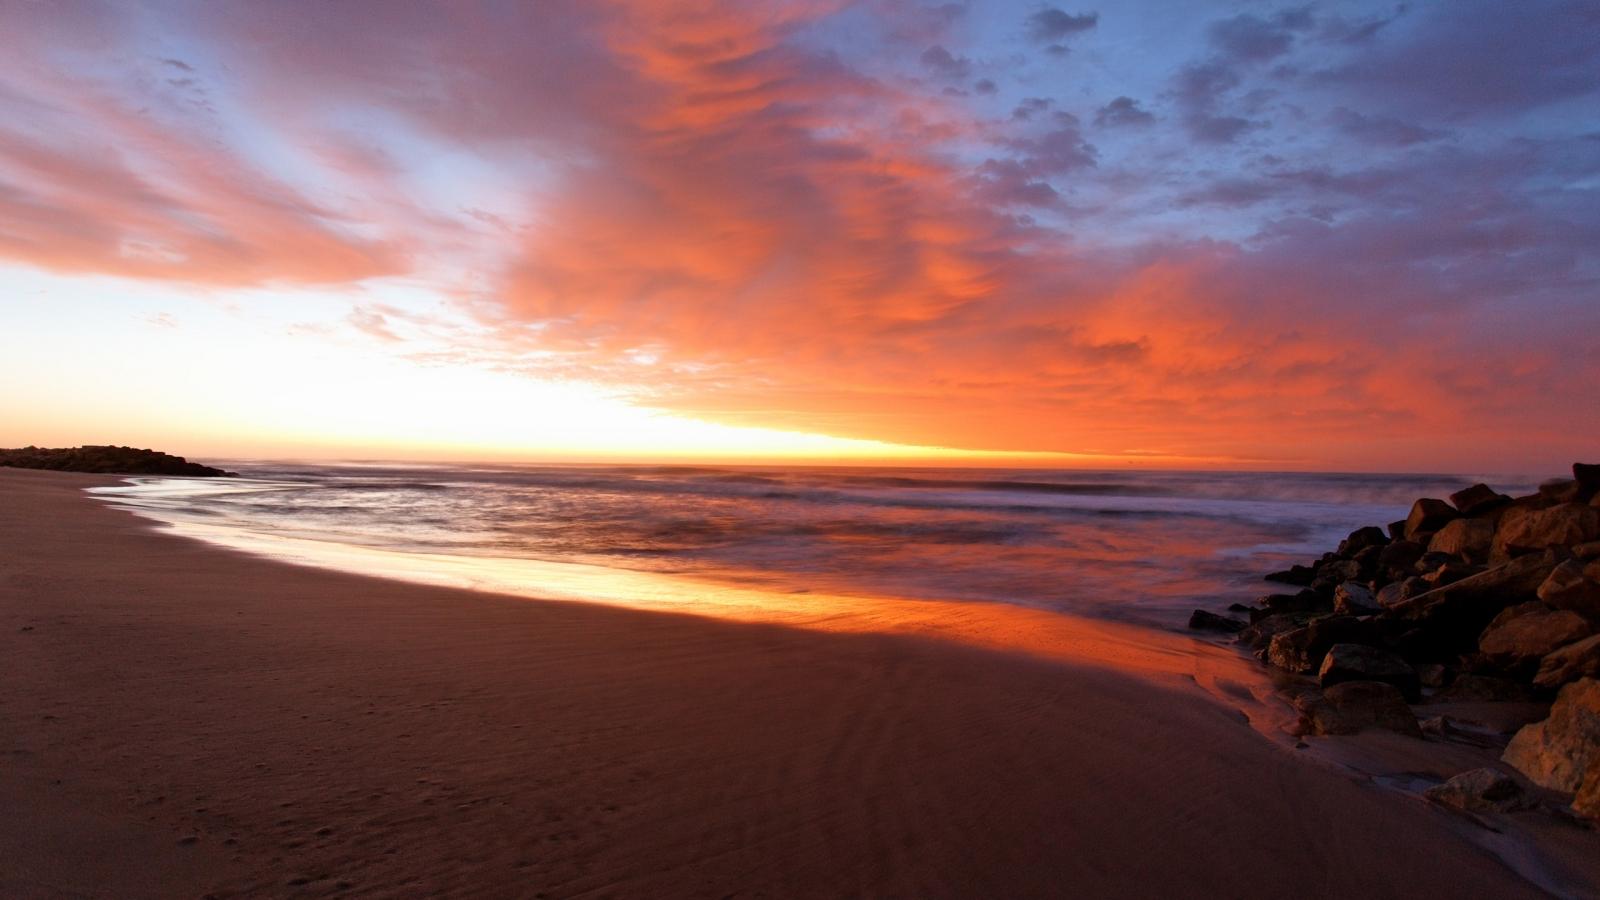 Amanecer en la playa - 1600x900